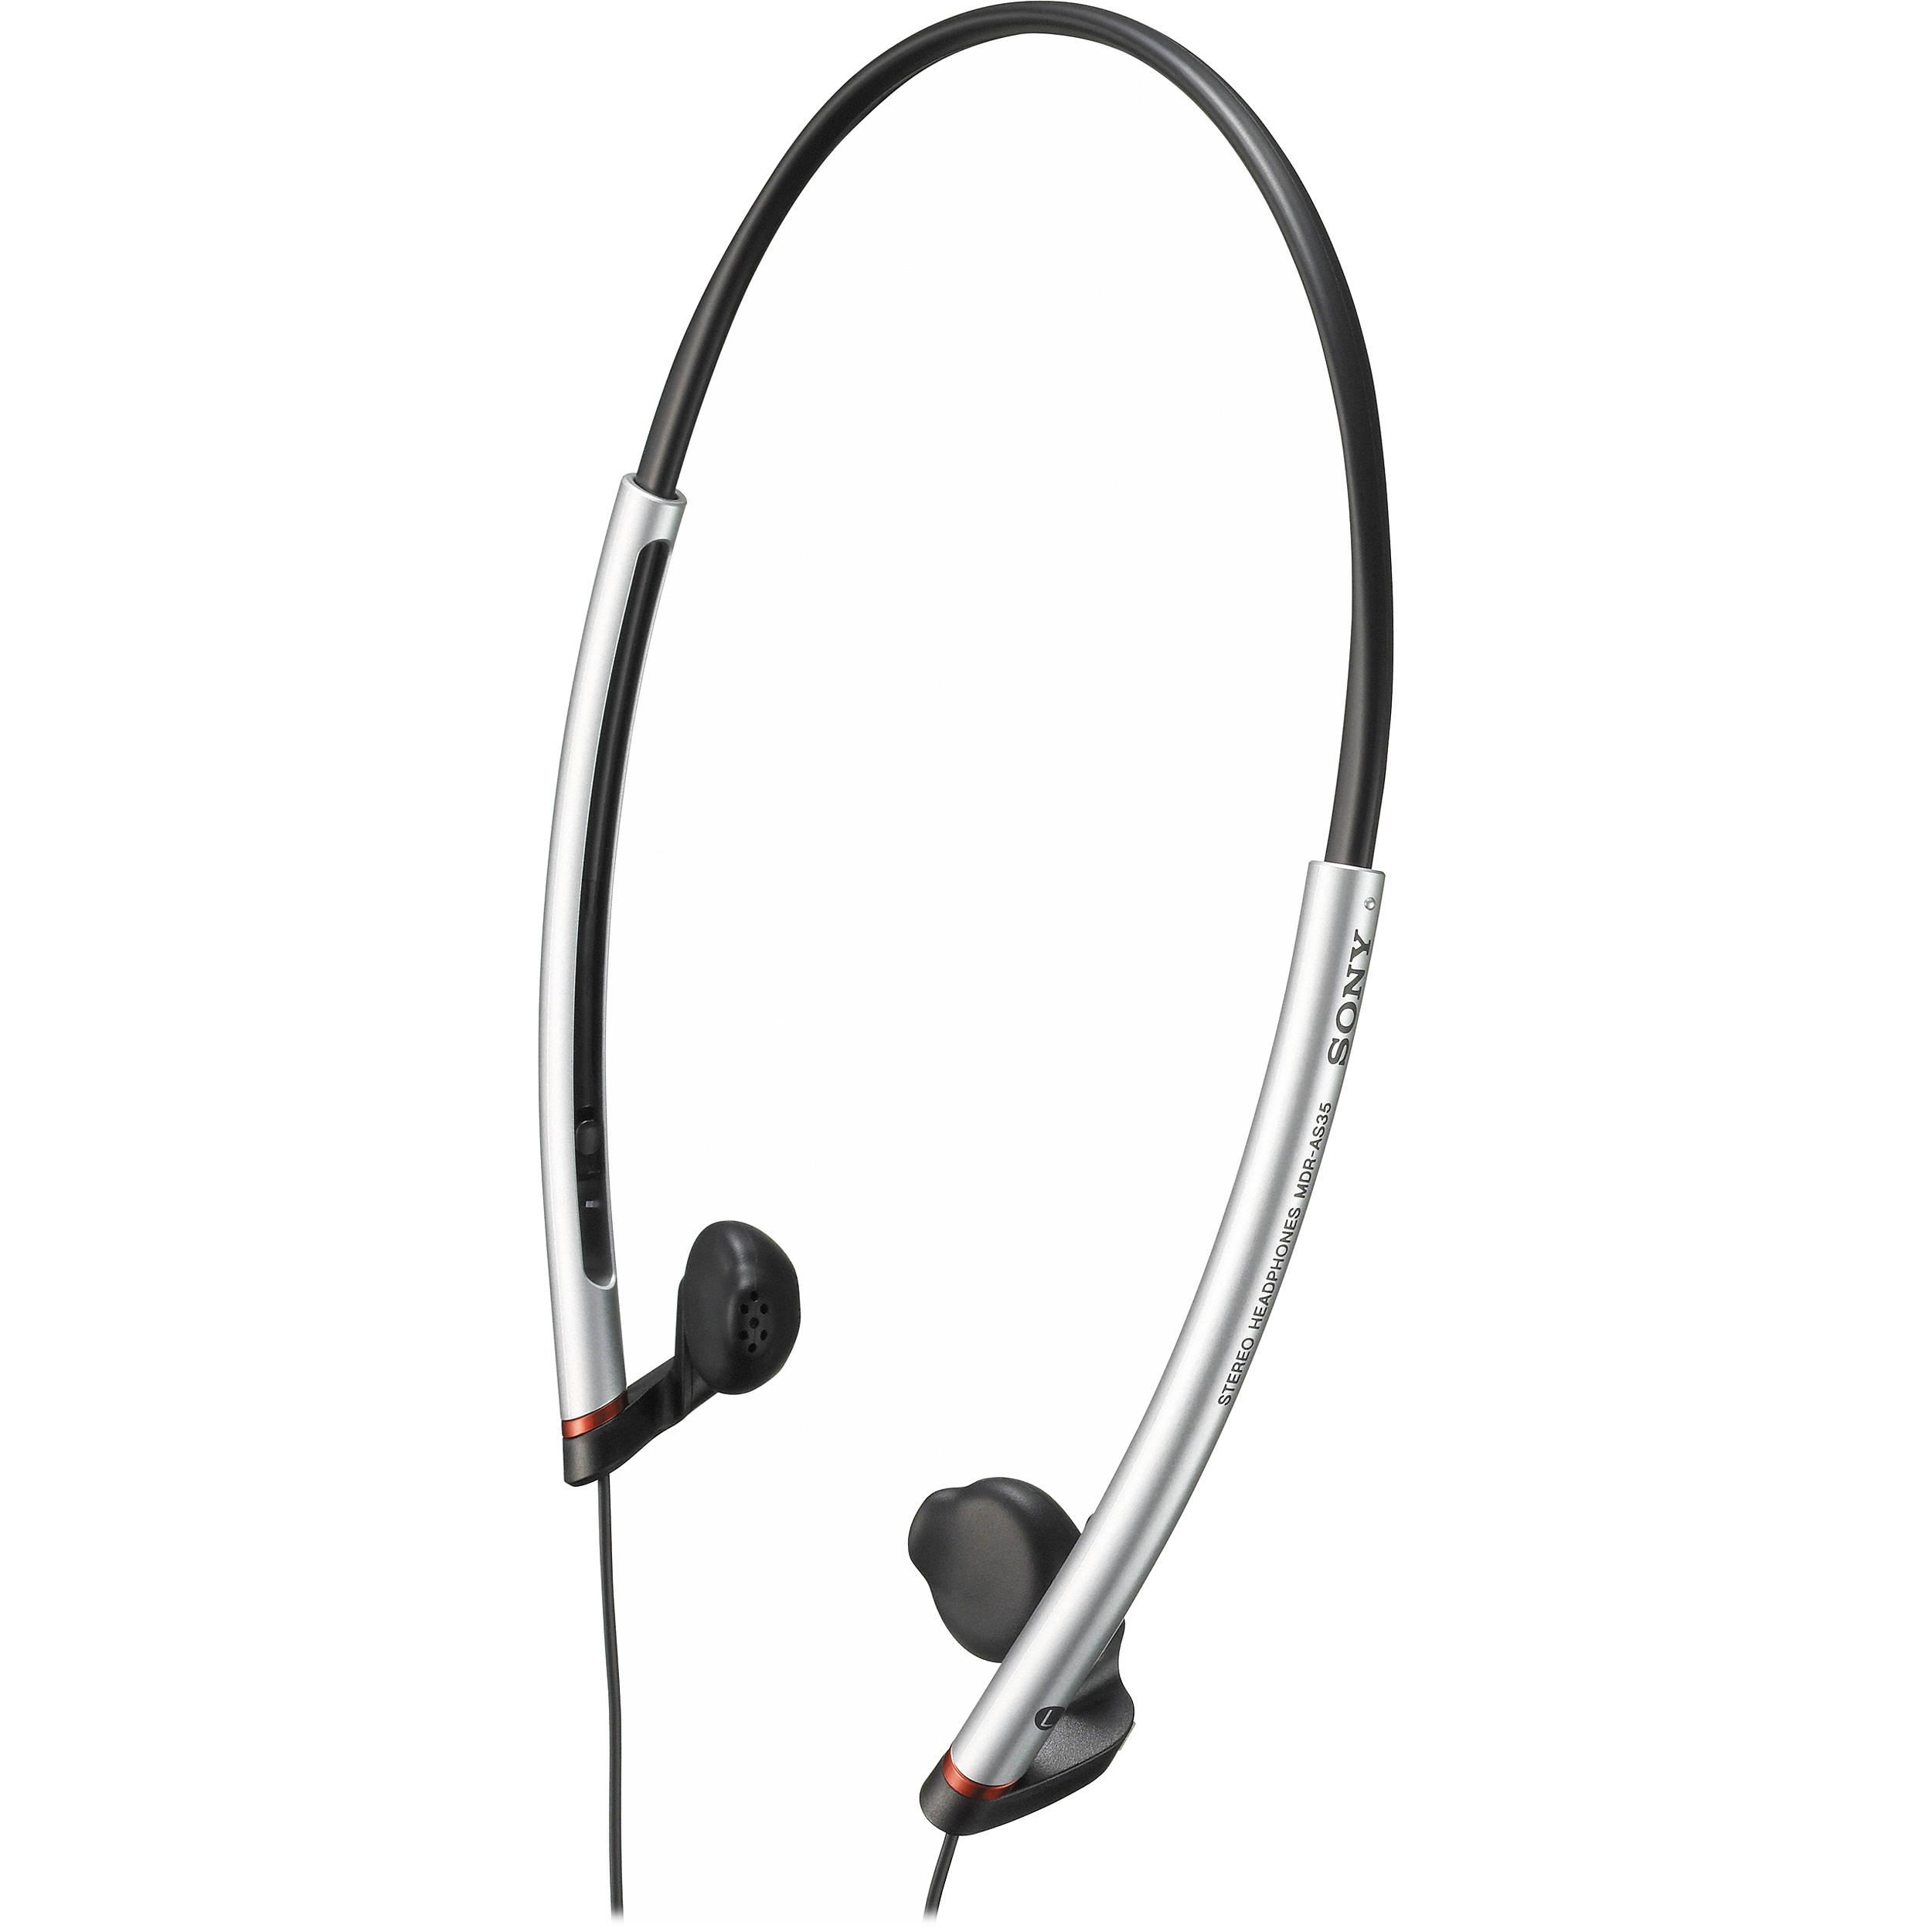 Sony MDR-AS35W In-Ear Sports Headphones MDRAS35W B&H Photo ...